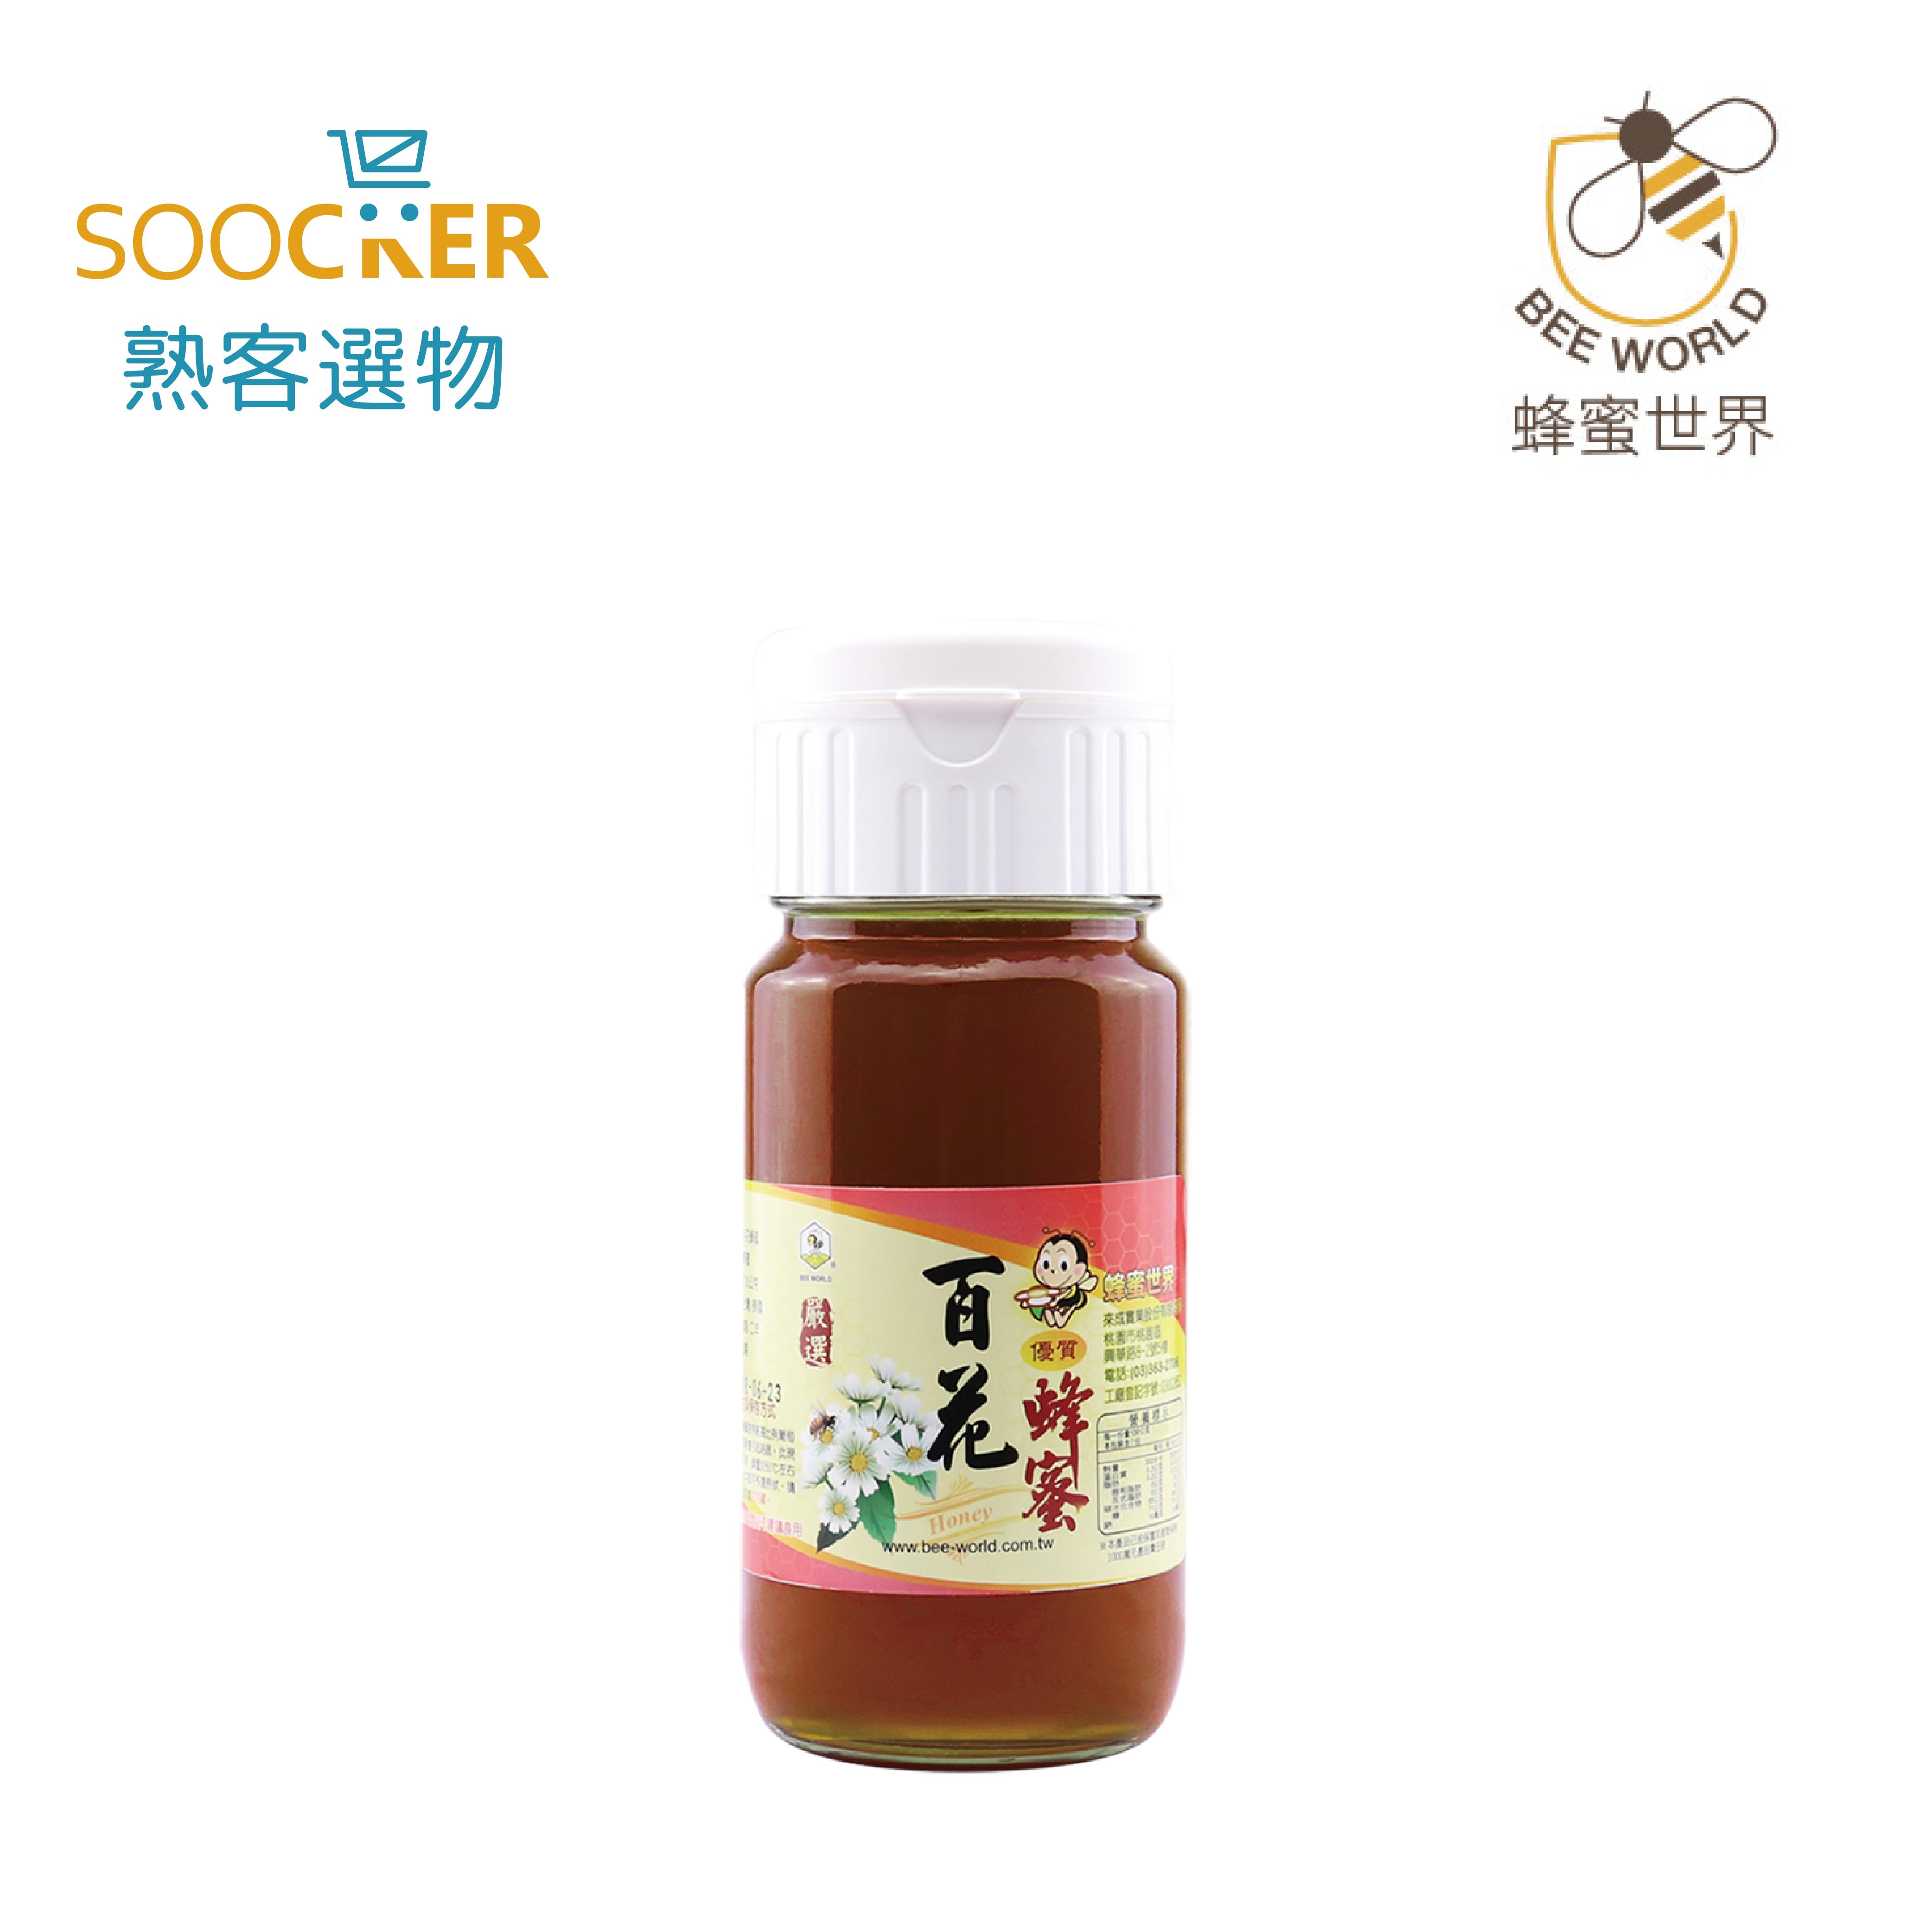 蜂蜜世界-台灣百花蜂蜜(700g)